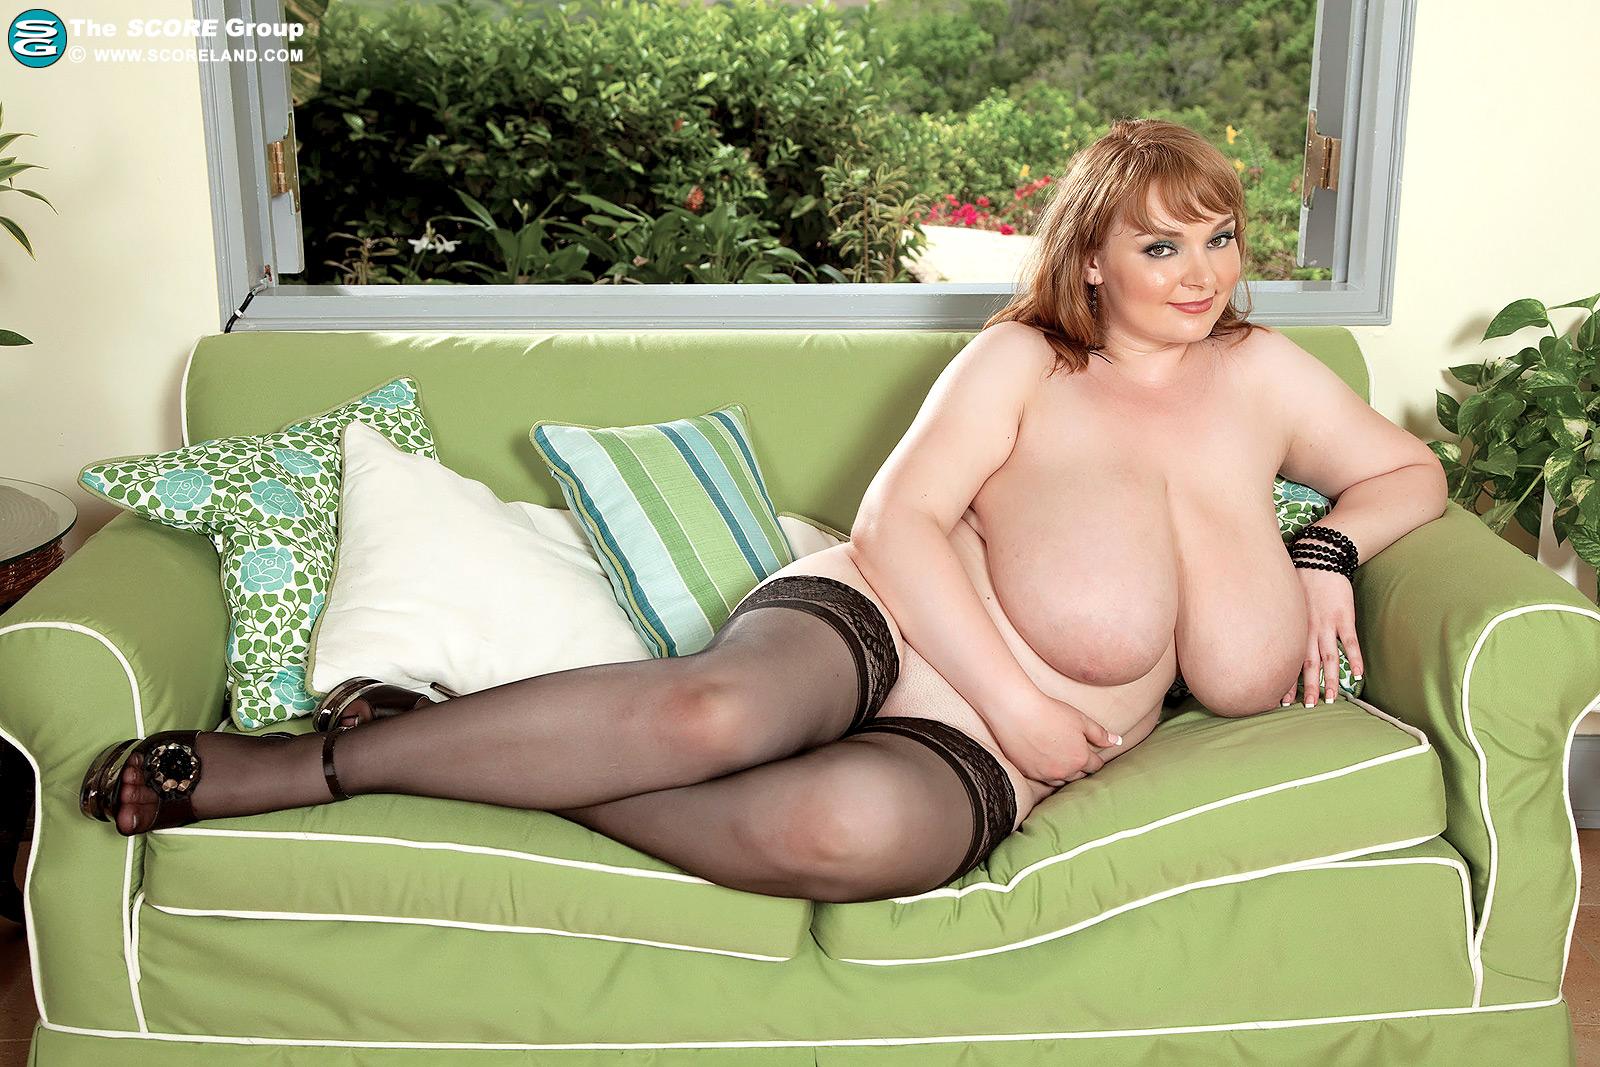 Фото баб пышек, Голые толстушки частные секс фото 27 фотография